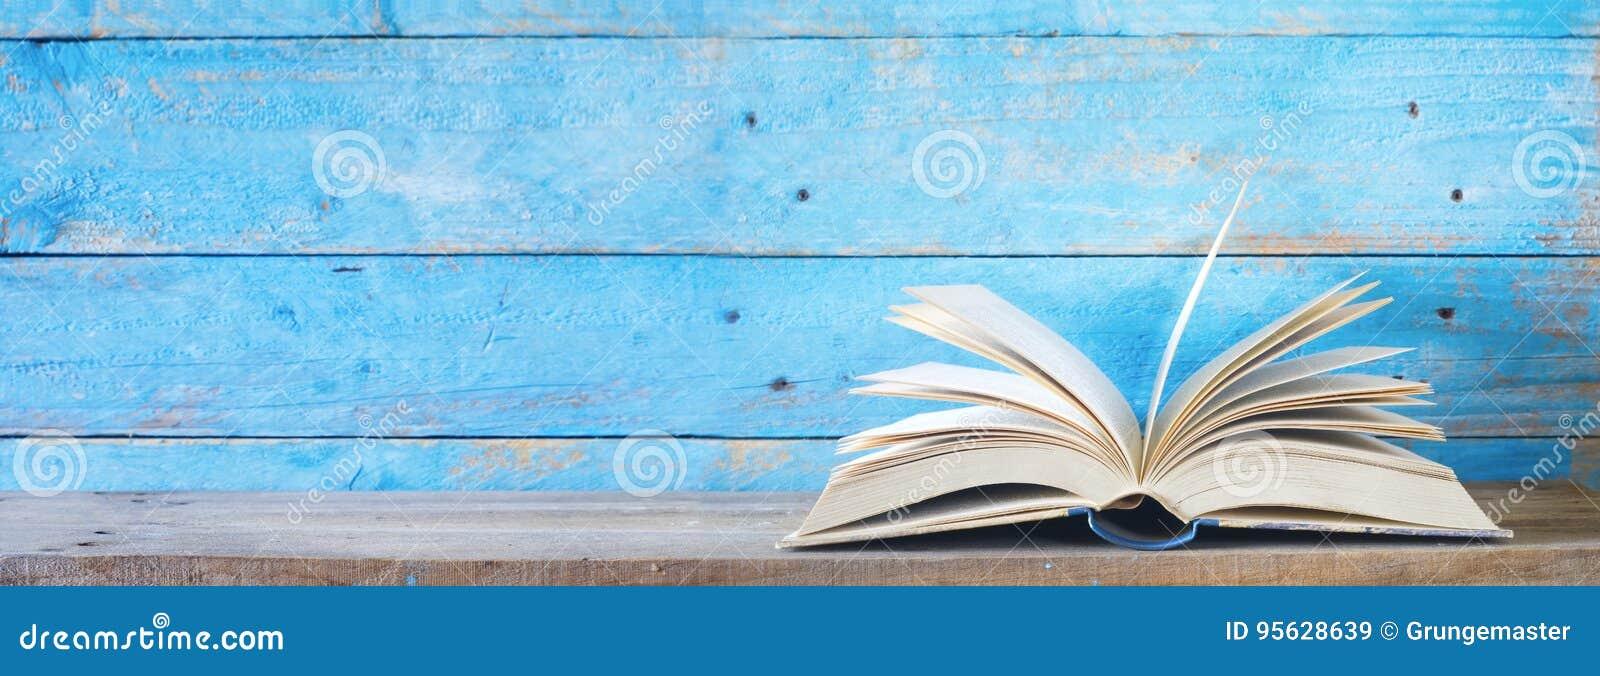 Otwiera książkę na błękitnym grungy tle